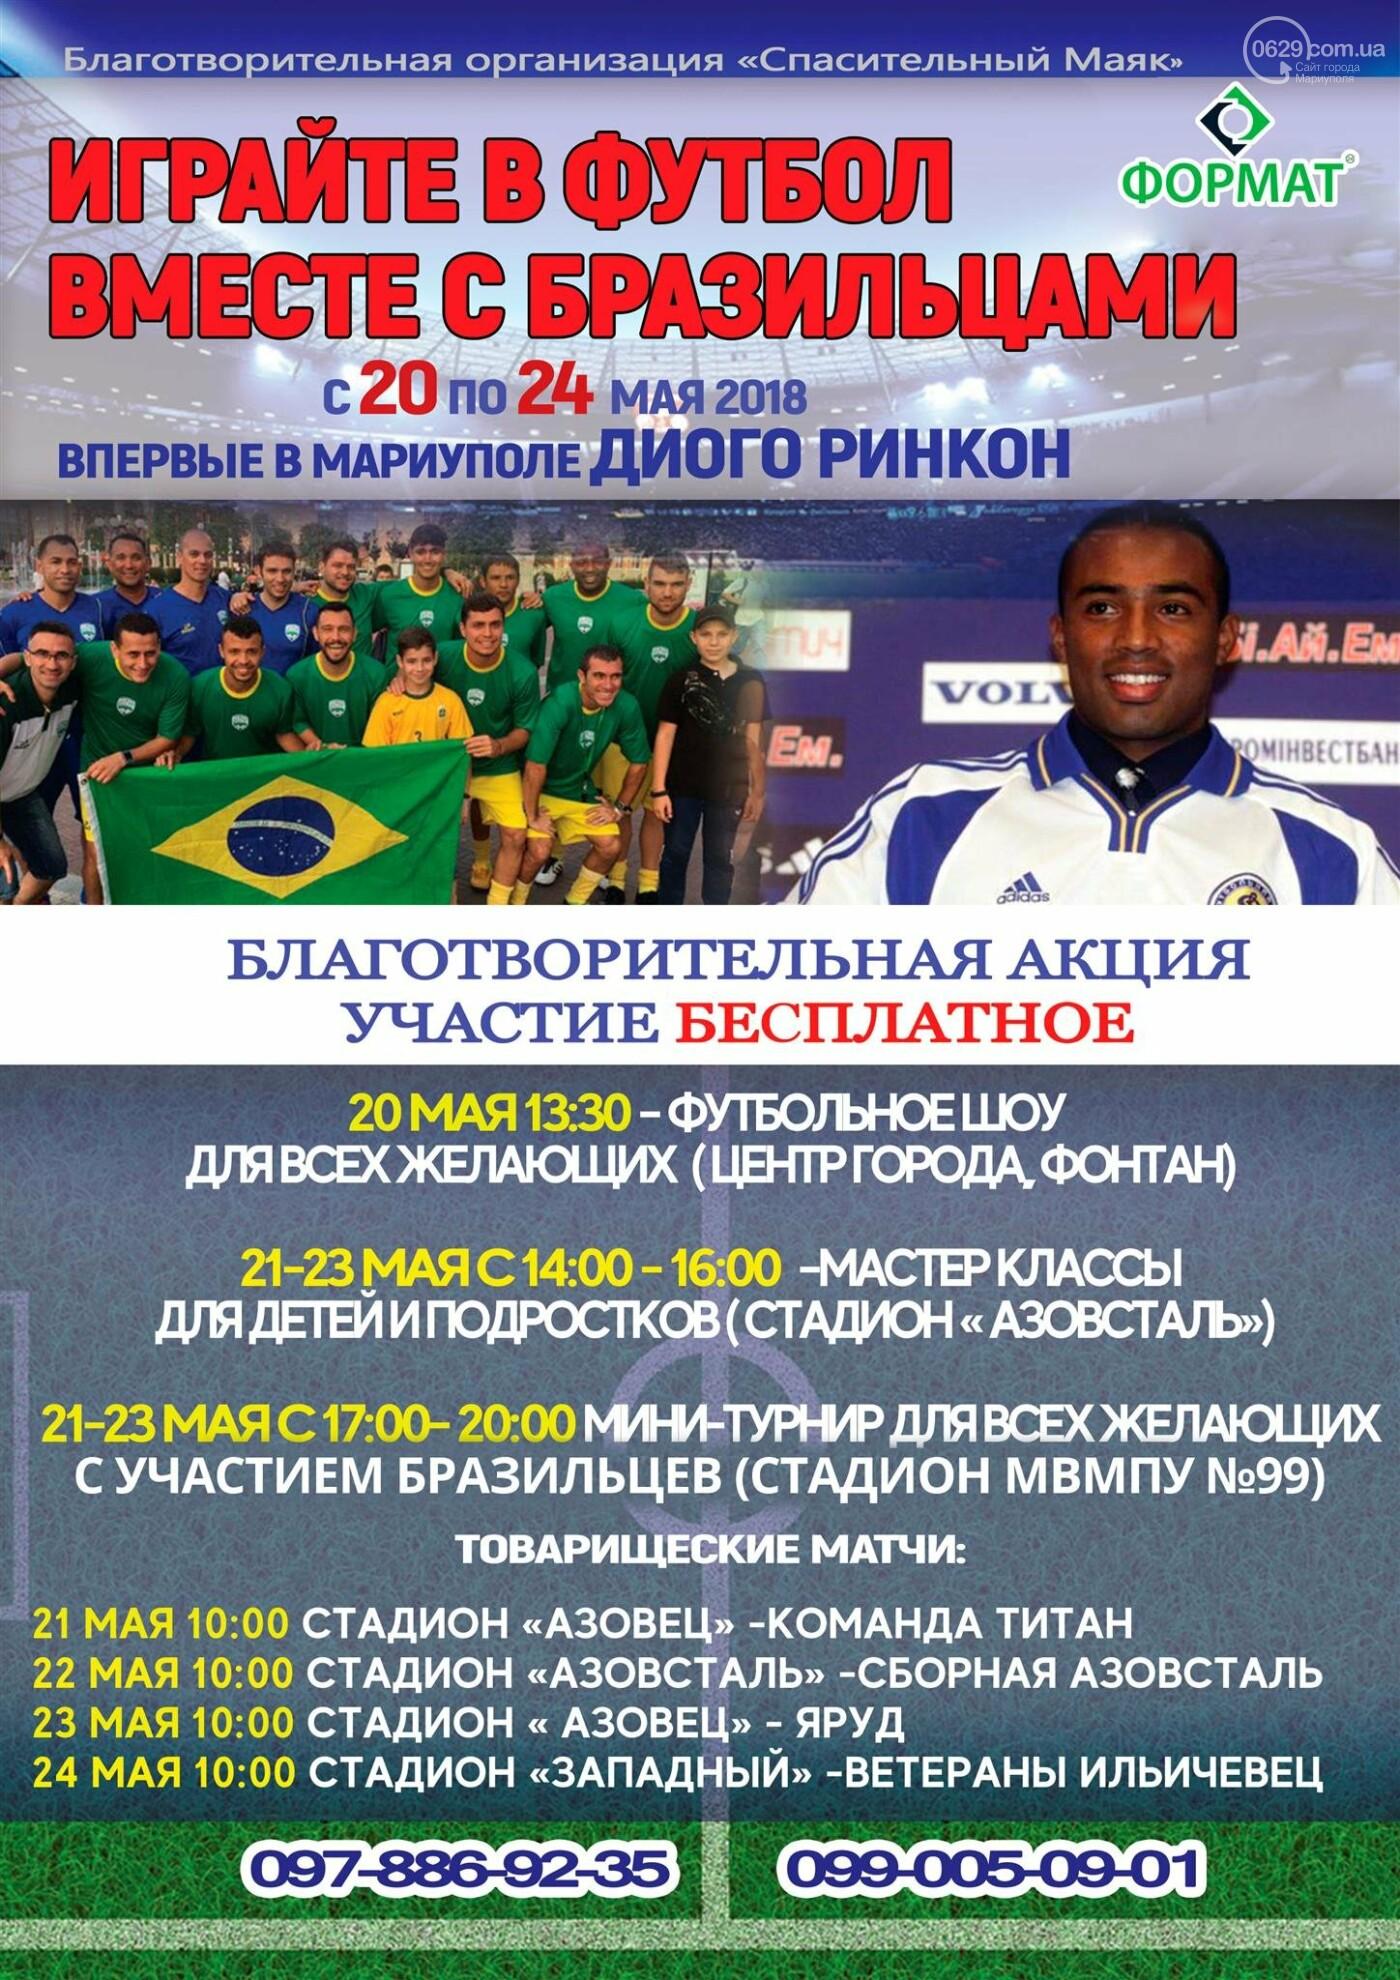 Играйте в футбол с Бразильскими футболистами в Мариуполе, фото-1